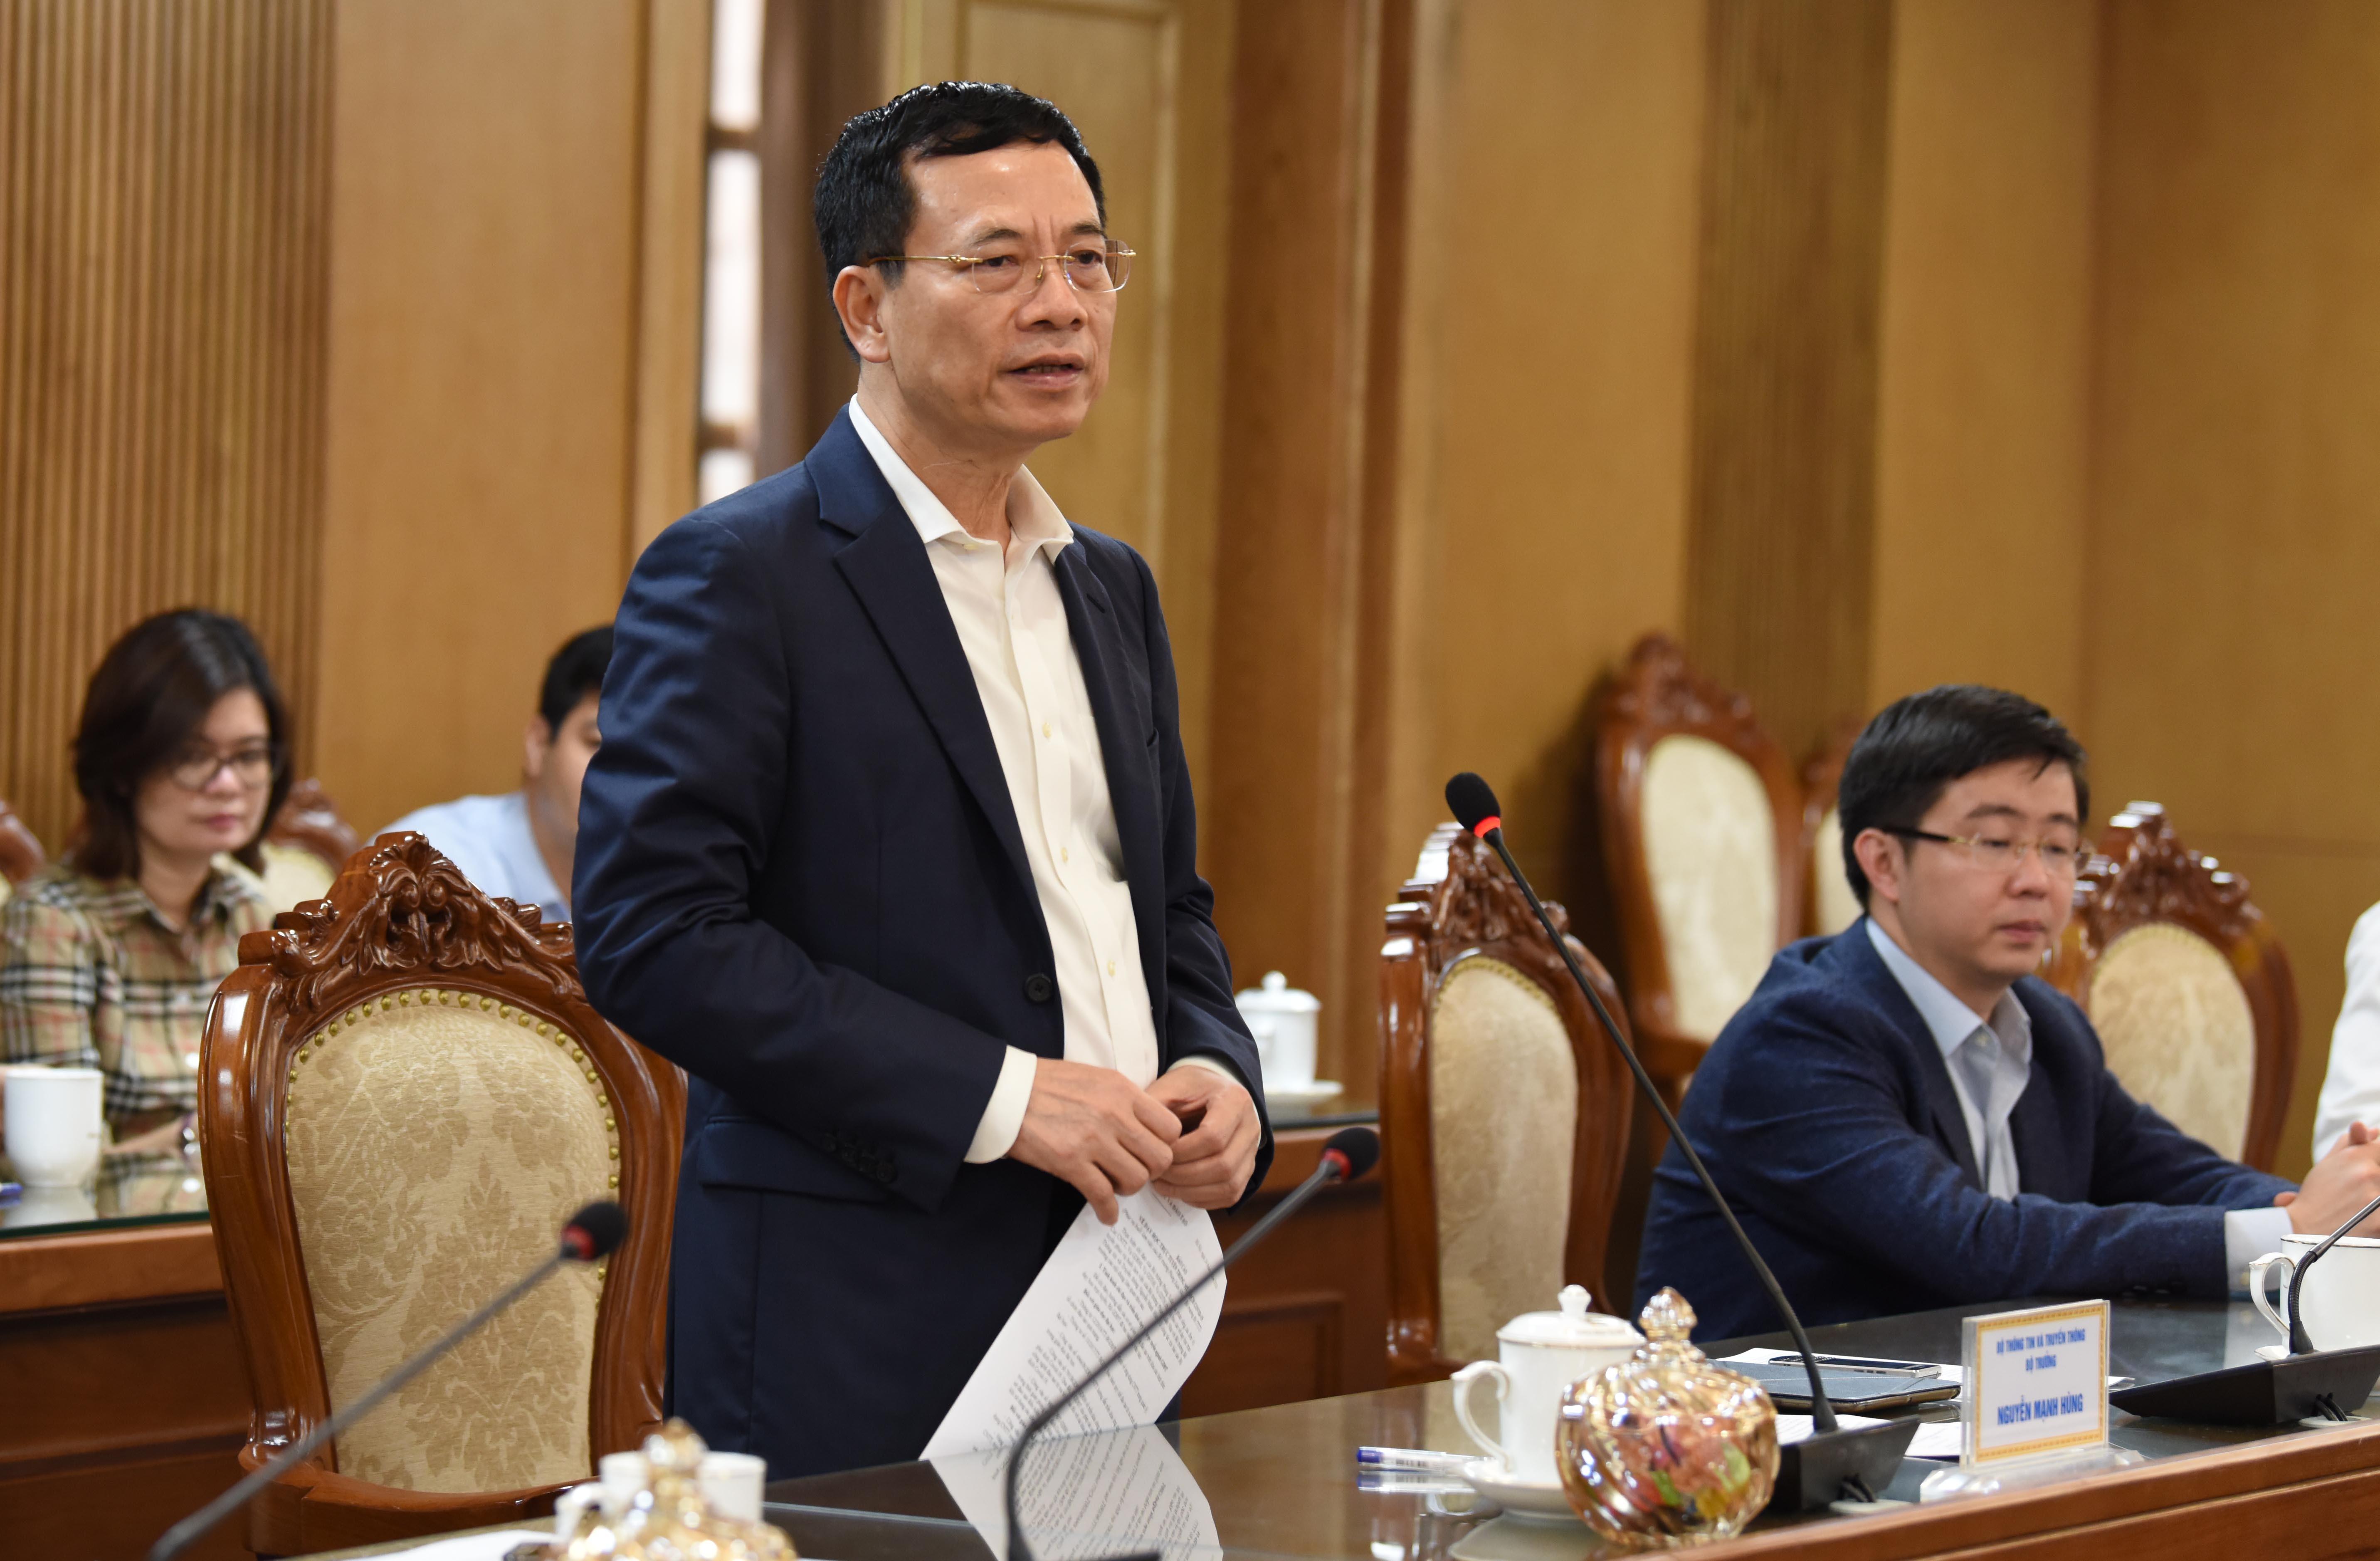 Bộ trưởng Bộ TTTT Nguyễn Mạnh Hùng phát biểu tại cuộc làm việc